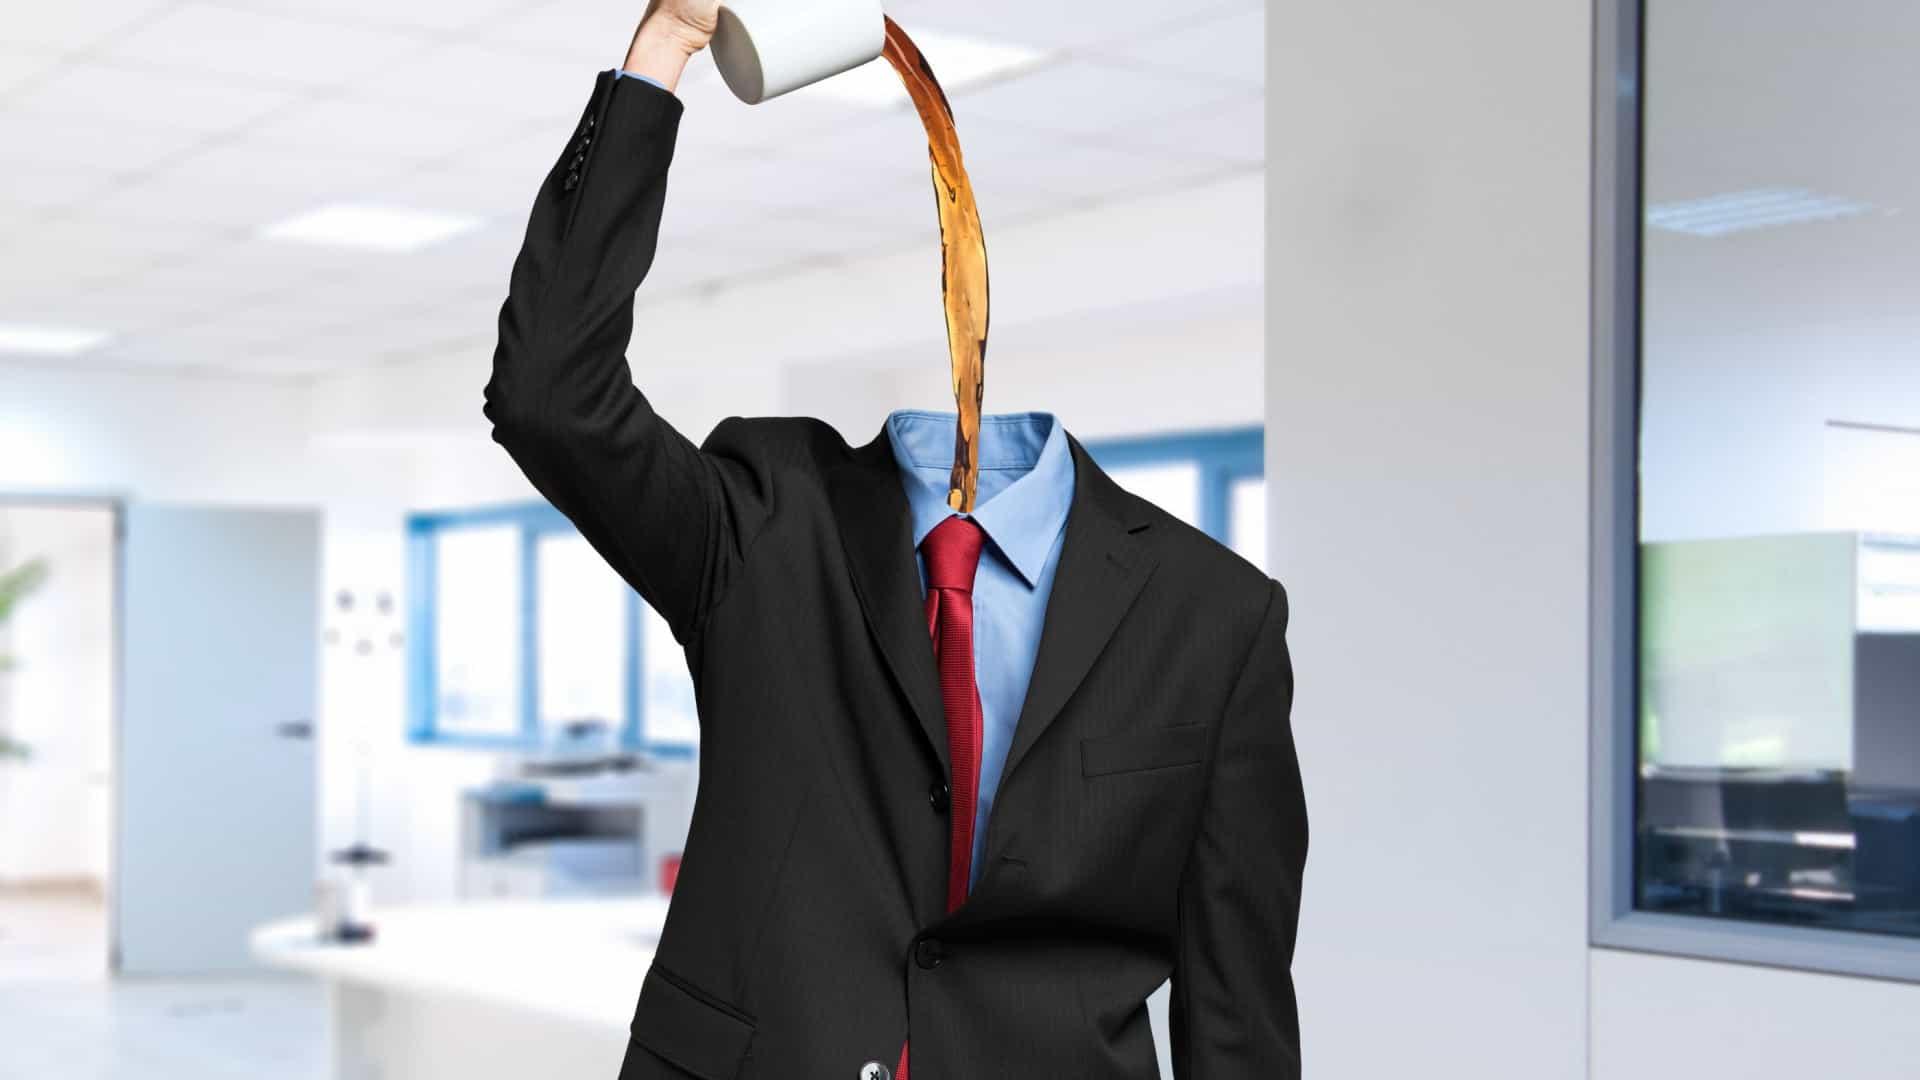 Consumo excessivo de cafeína causa enxaqueca (Fonte: Notícias ao Minuto)